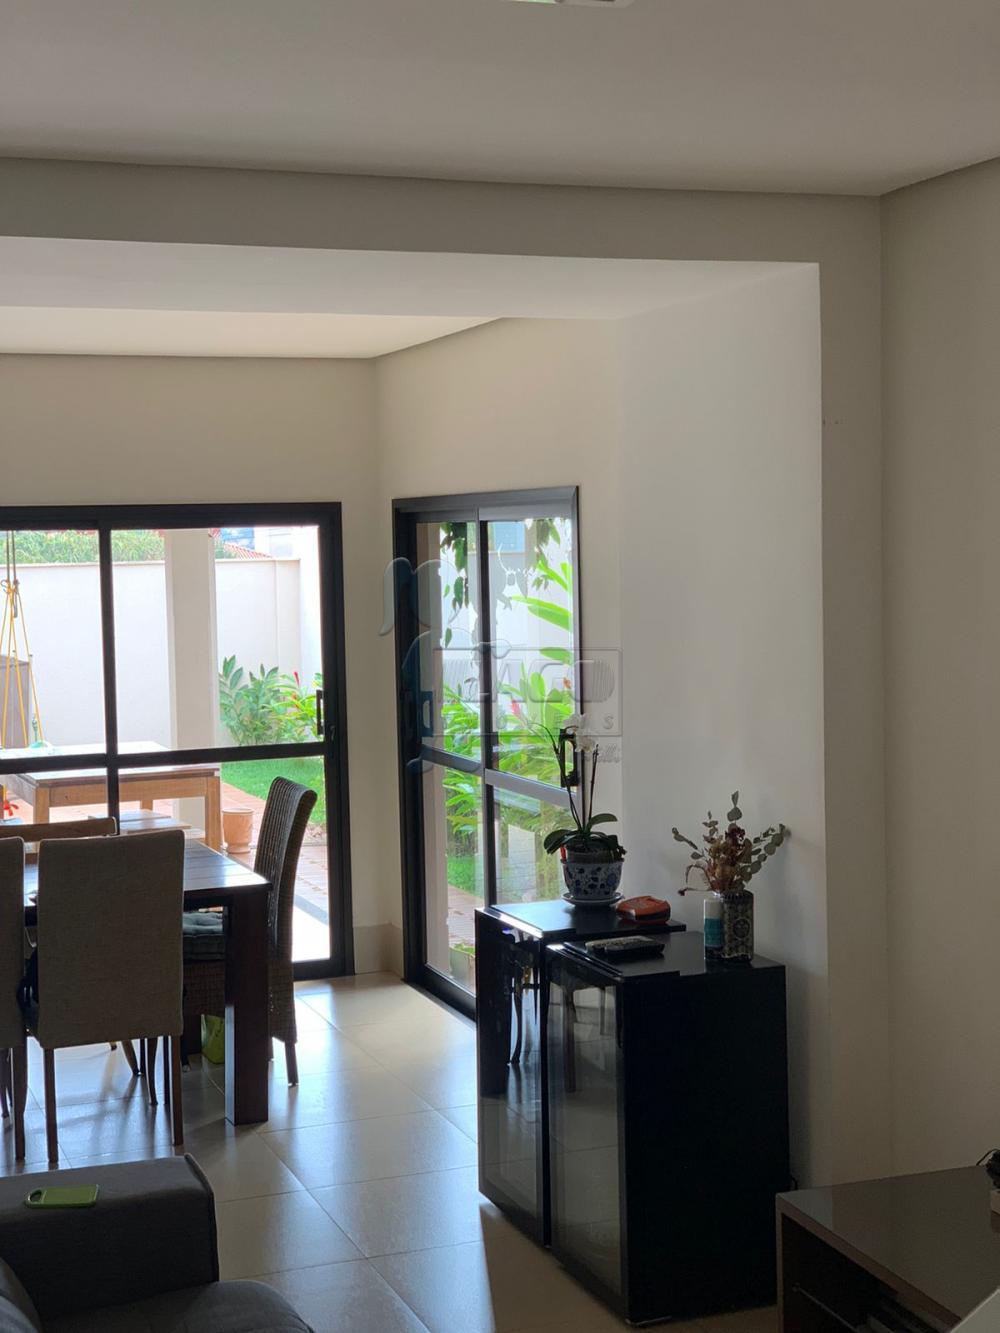 Comprar Casas / Condomínio em Bonfim Paulista R$ 1.555.000,00 - Foto 5